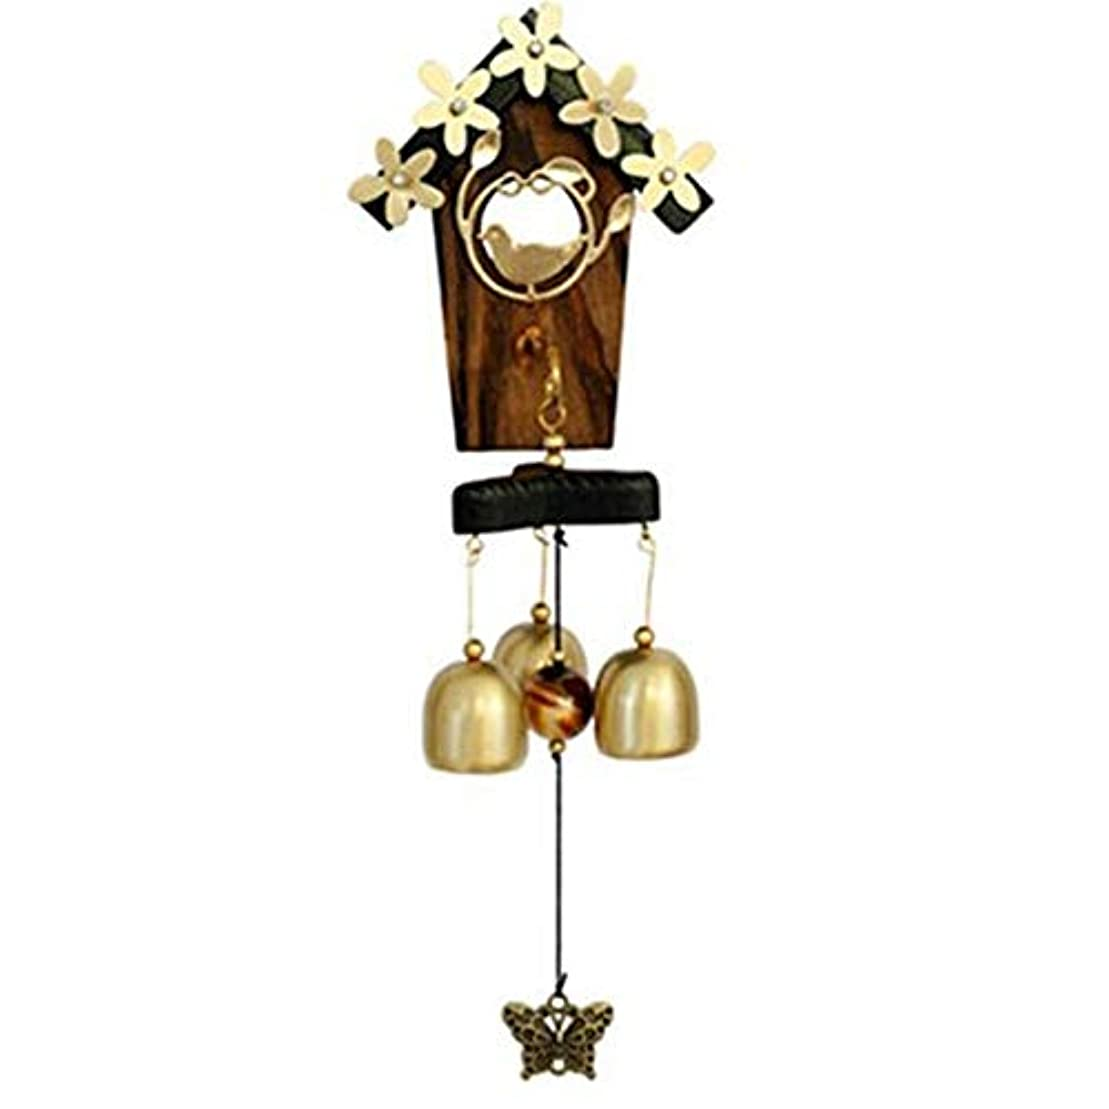 アスペクトの慈悲で不適当Jiansheng01-ou 風チャイム、メタルホームデコレーション風チャイム、ゴールド、サイズ35CM 、シンプルな創造的な贈り物